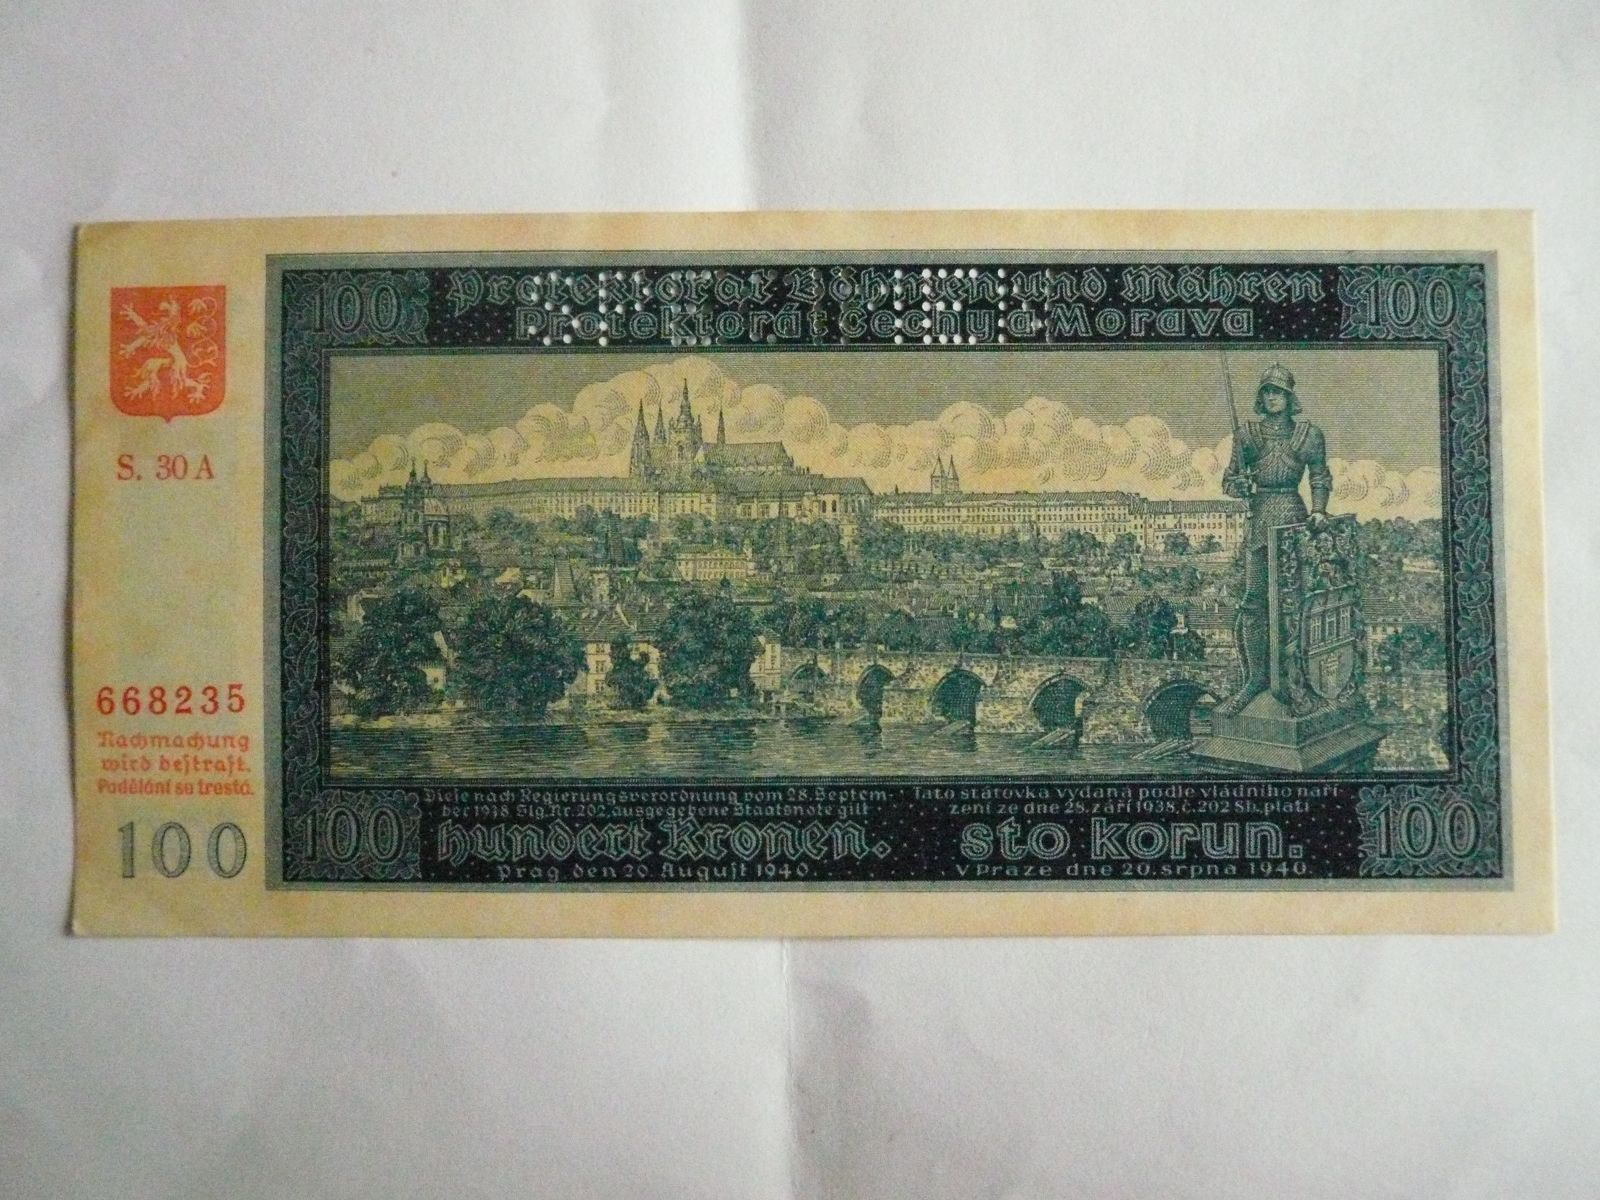 100 Kč, S.30A-perforovaná, P.Č+M, 1940